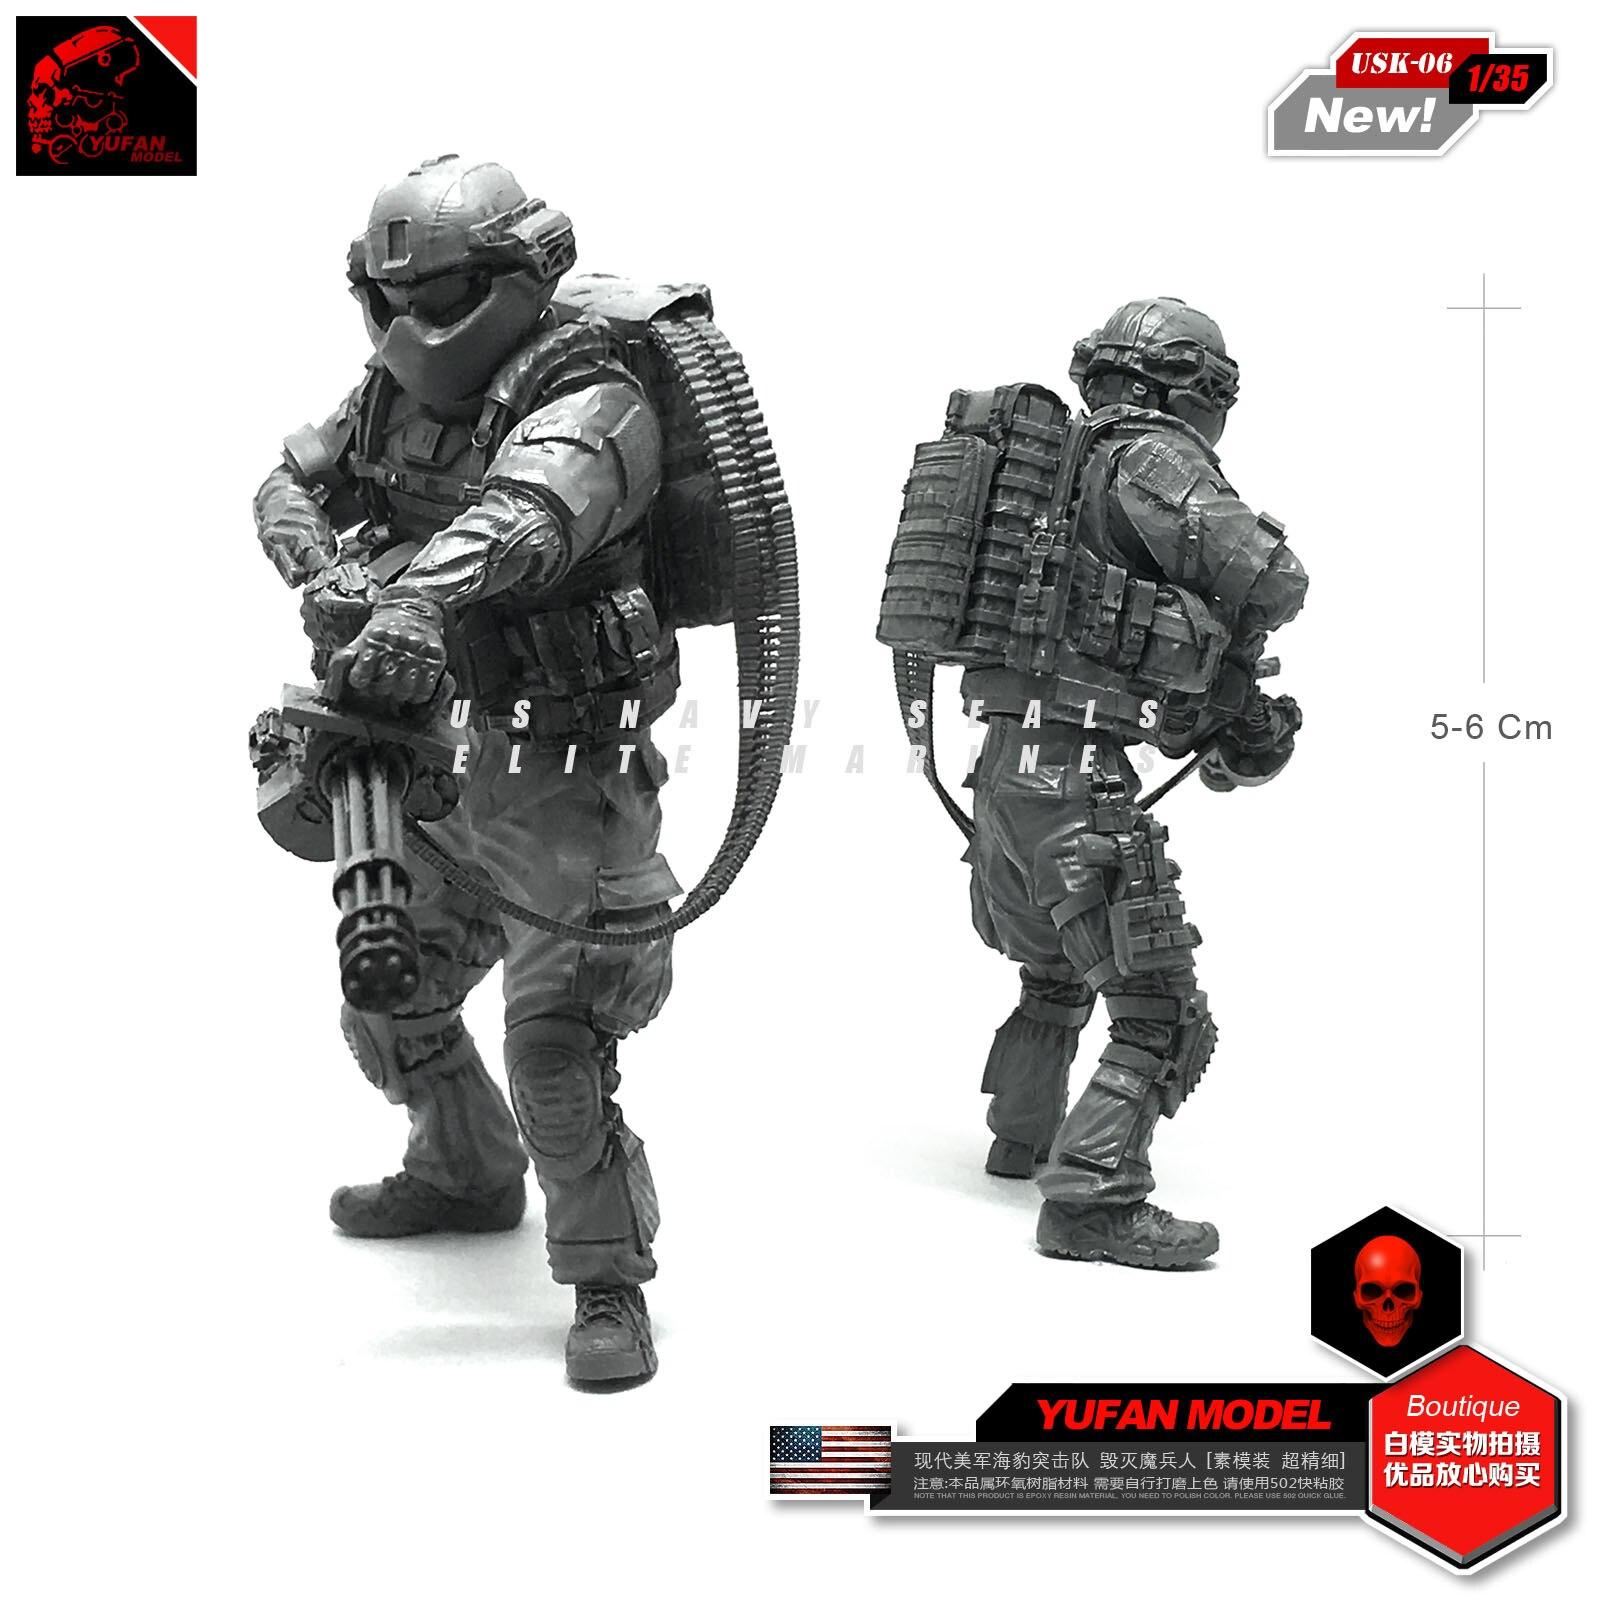 Yufan Modelo 1/35 Modern Eua Seal Destruição Guerreiro Modelo Montado Kit Usk-06